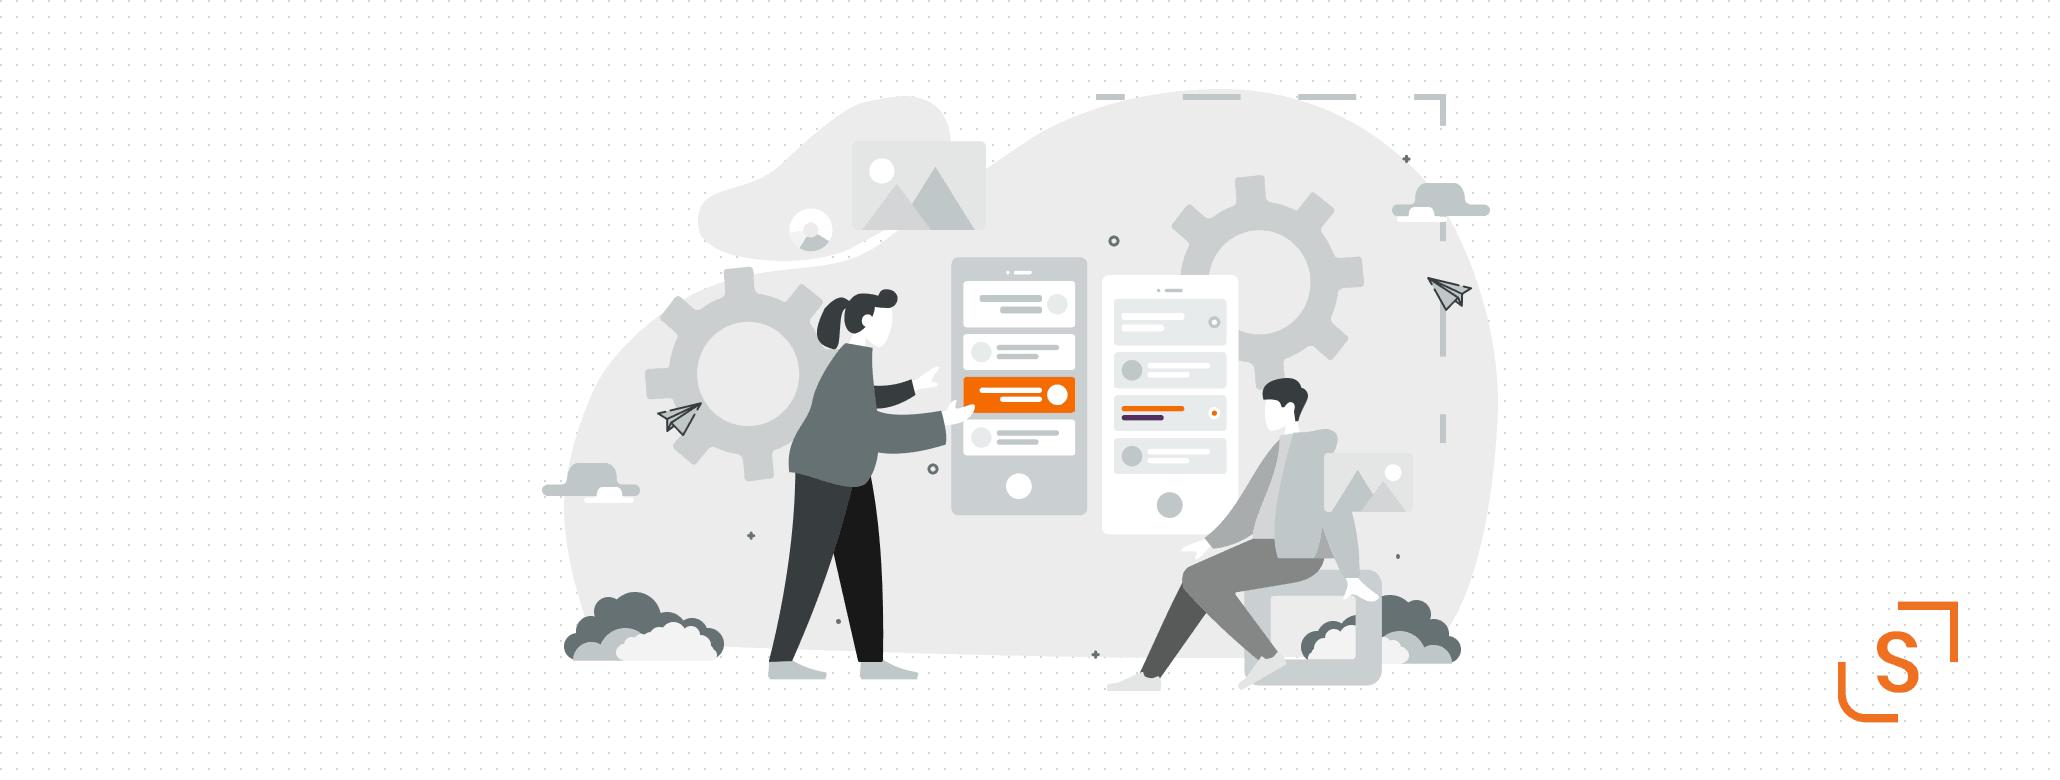 Designer to Designer Feedback